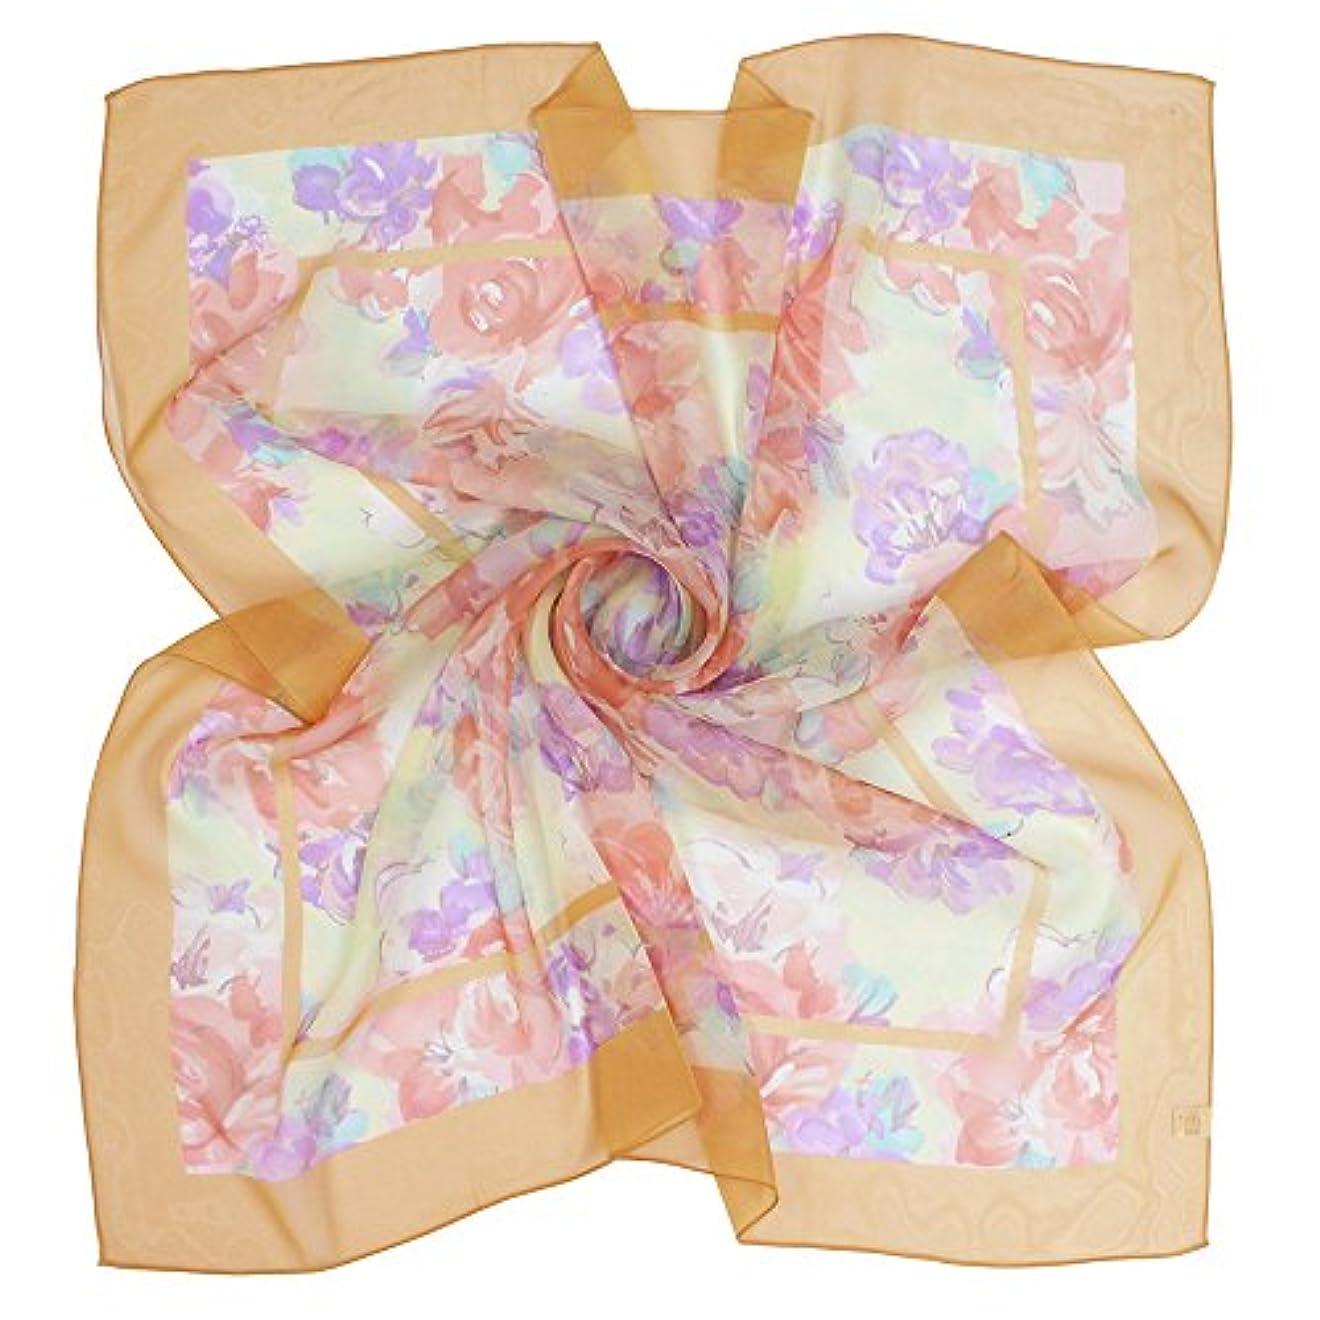 切り下げディスコスリンク(グランクレエ) Grancreer 日本製 シルク100% スカーフ (I-花柄シリーズ) [MADE IN JAPAN]